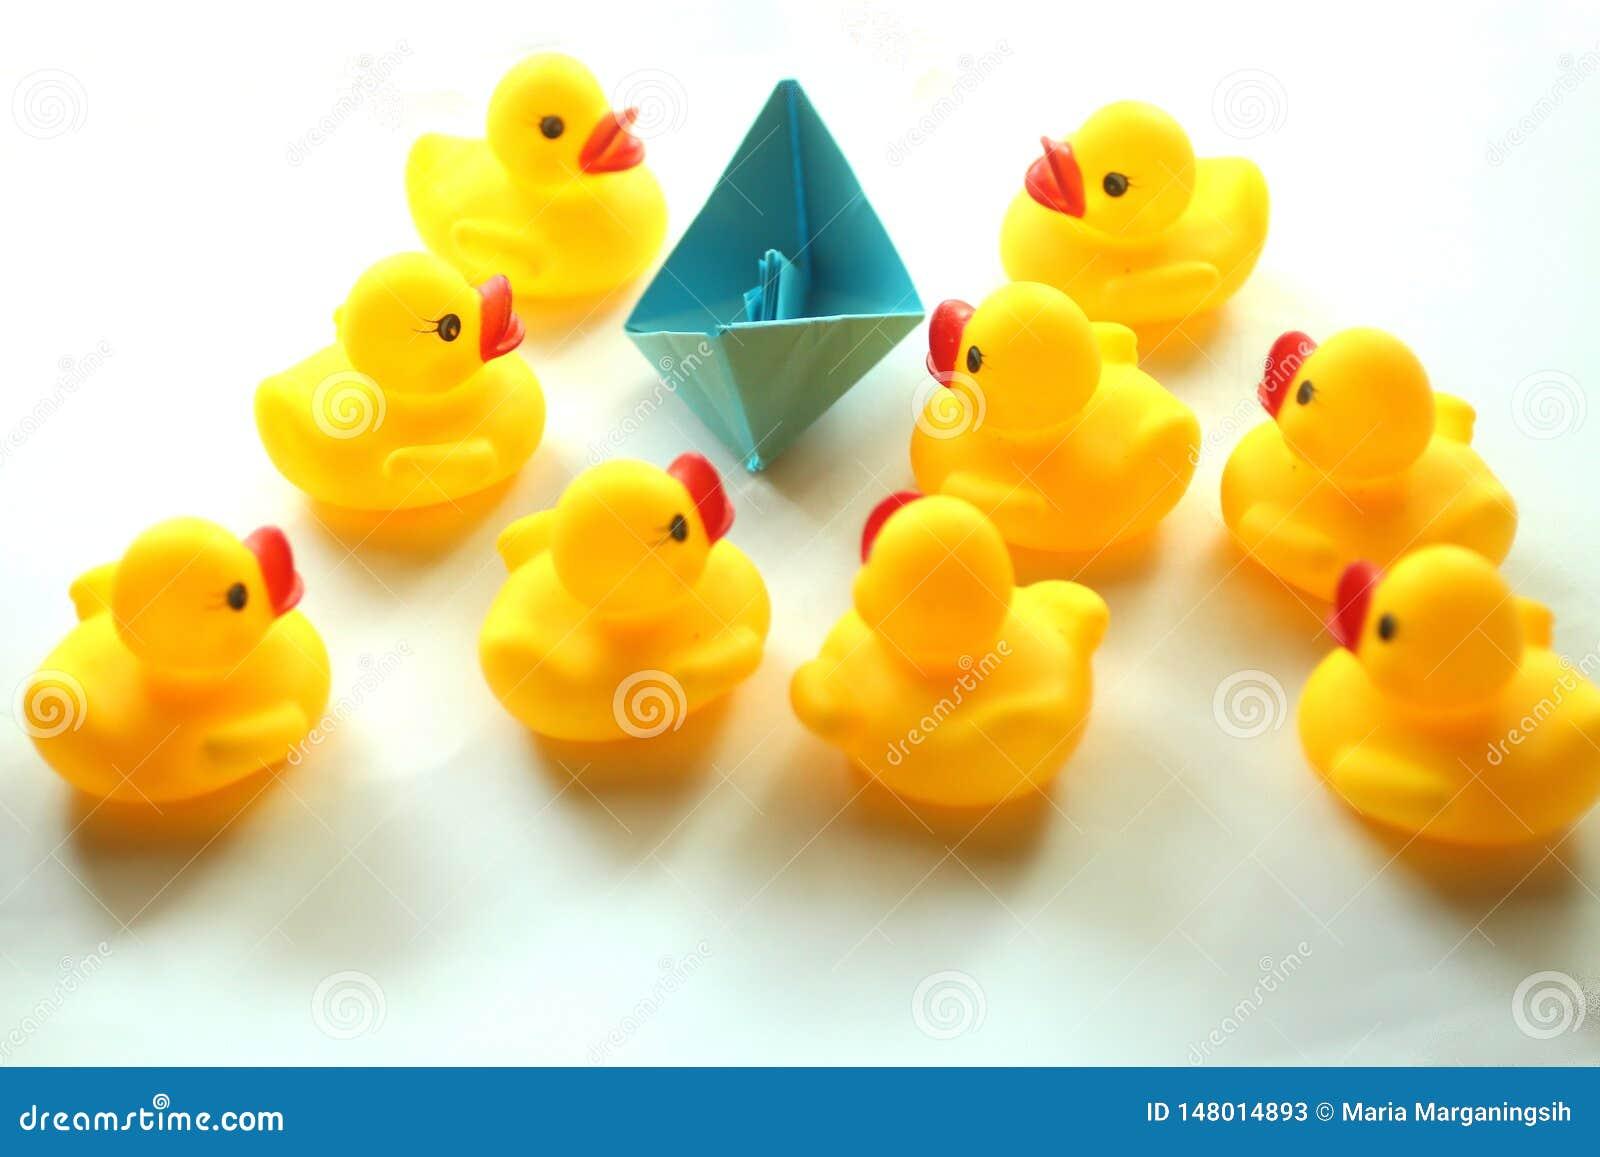 Patos de borracha amarelos bonitos e um barco de papel do origâmi na cor azul